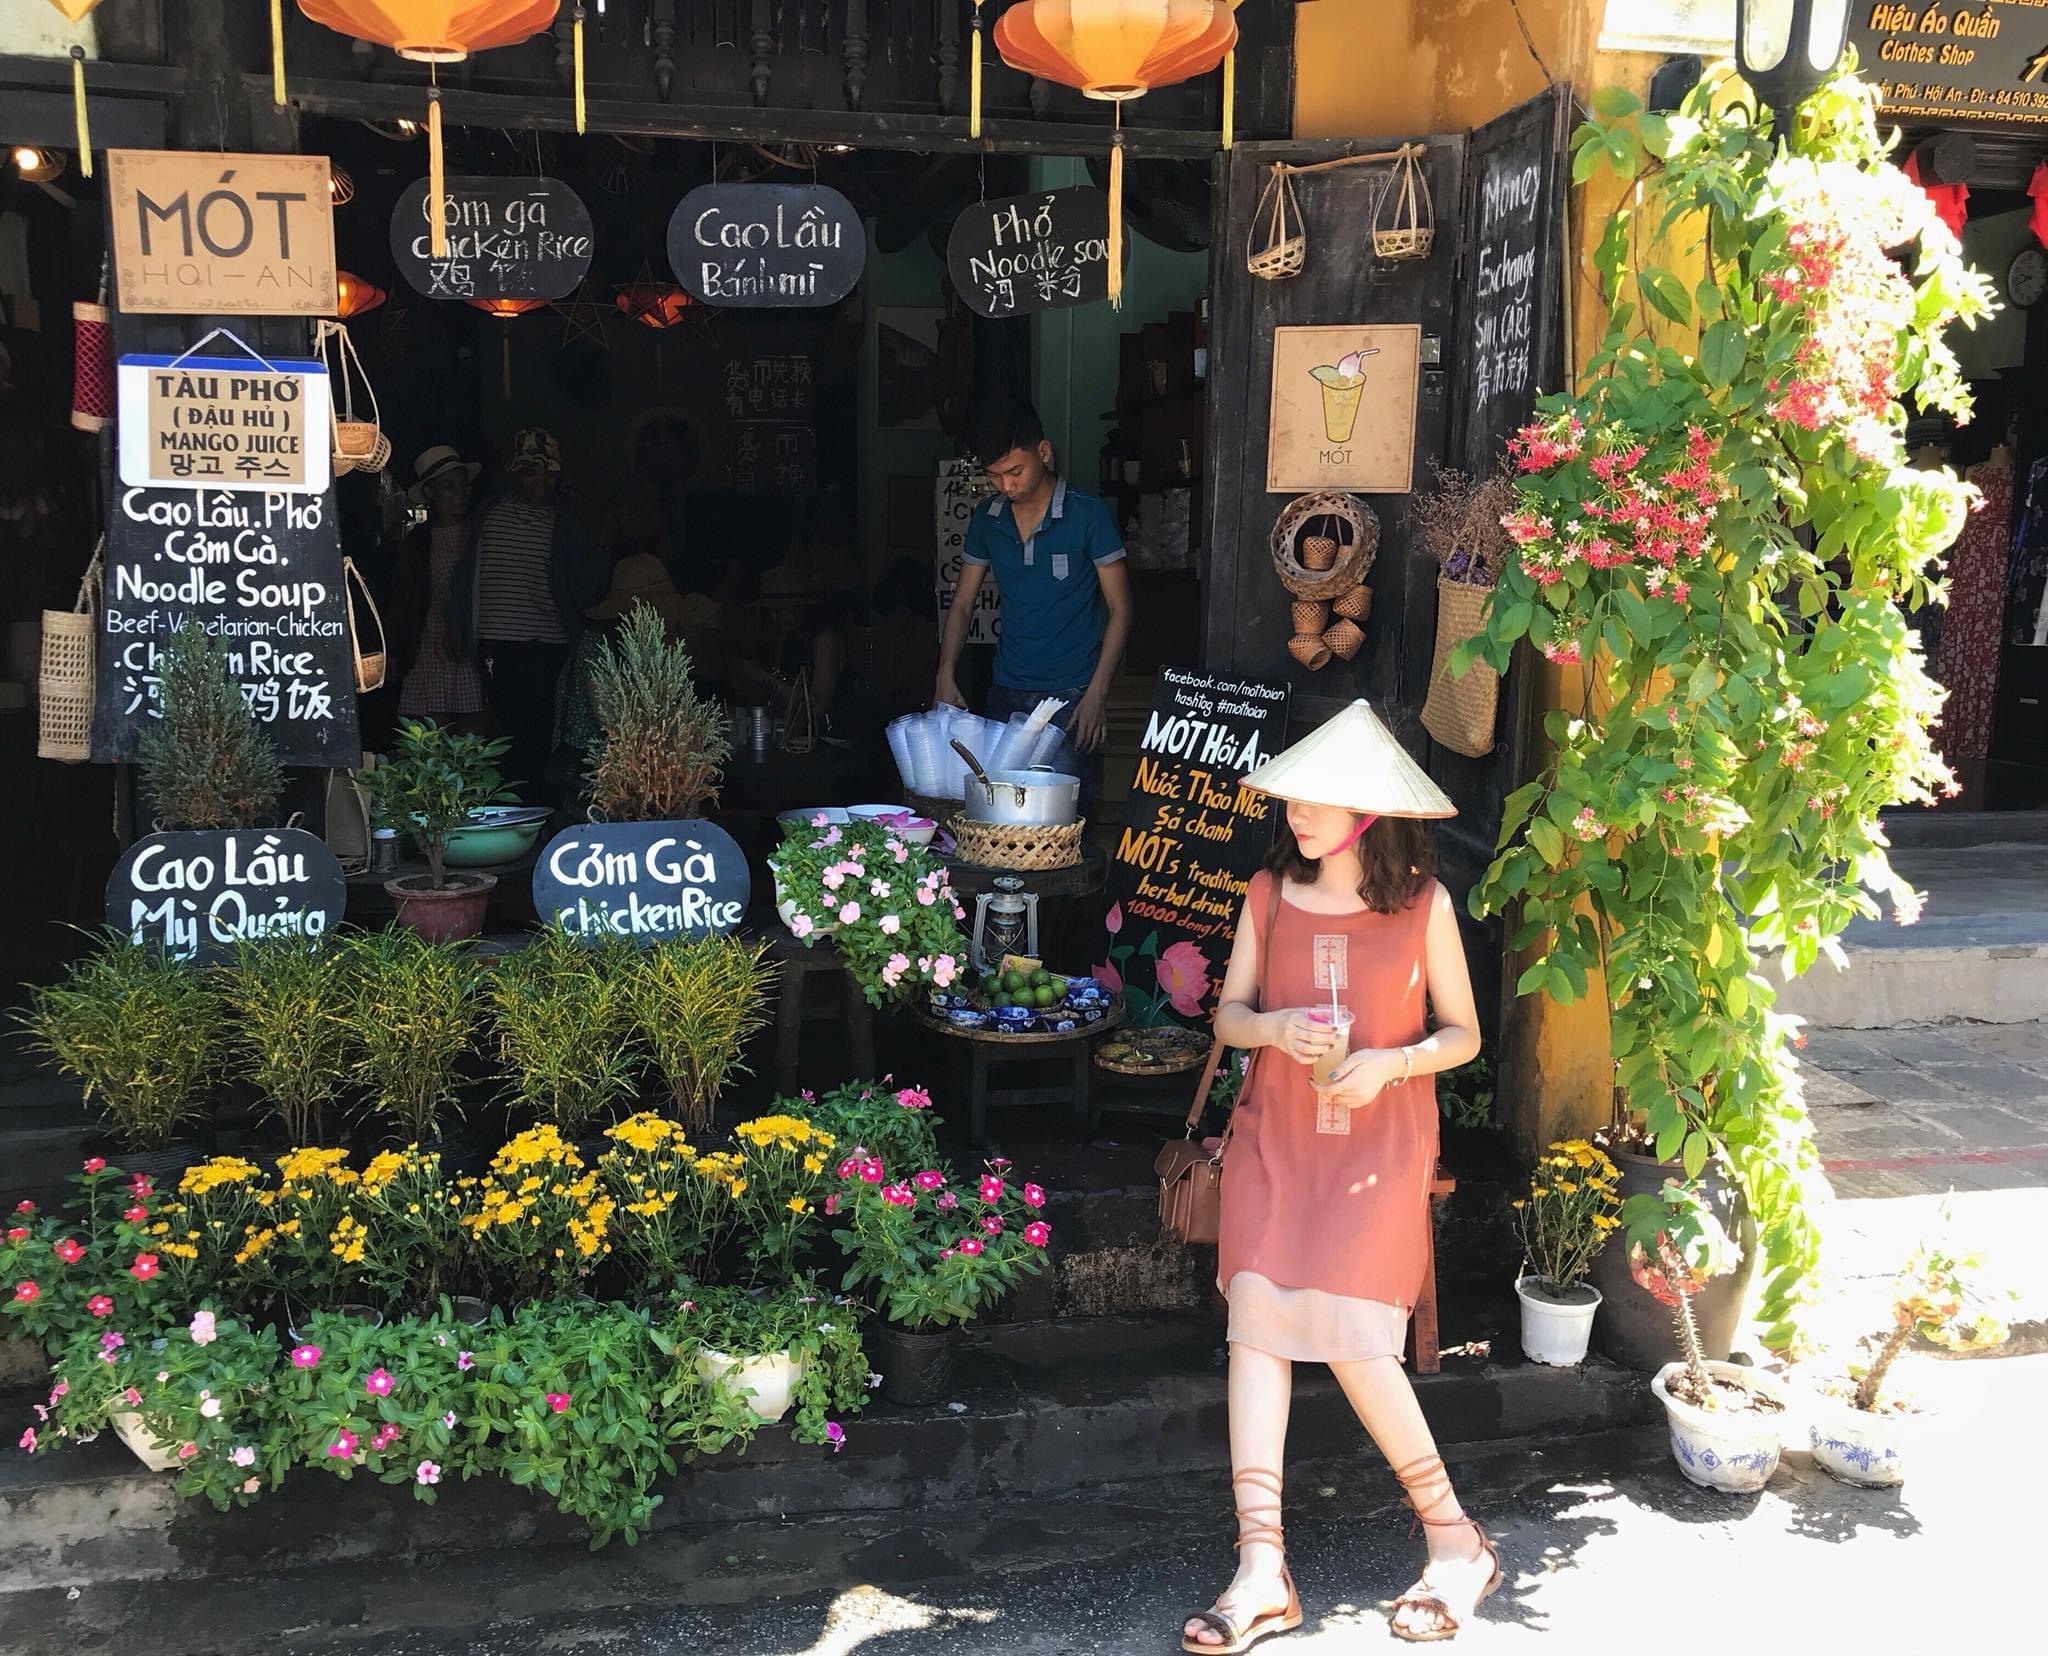 Phan Hải Yến top 10 Checkin-holic 2